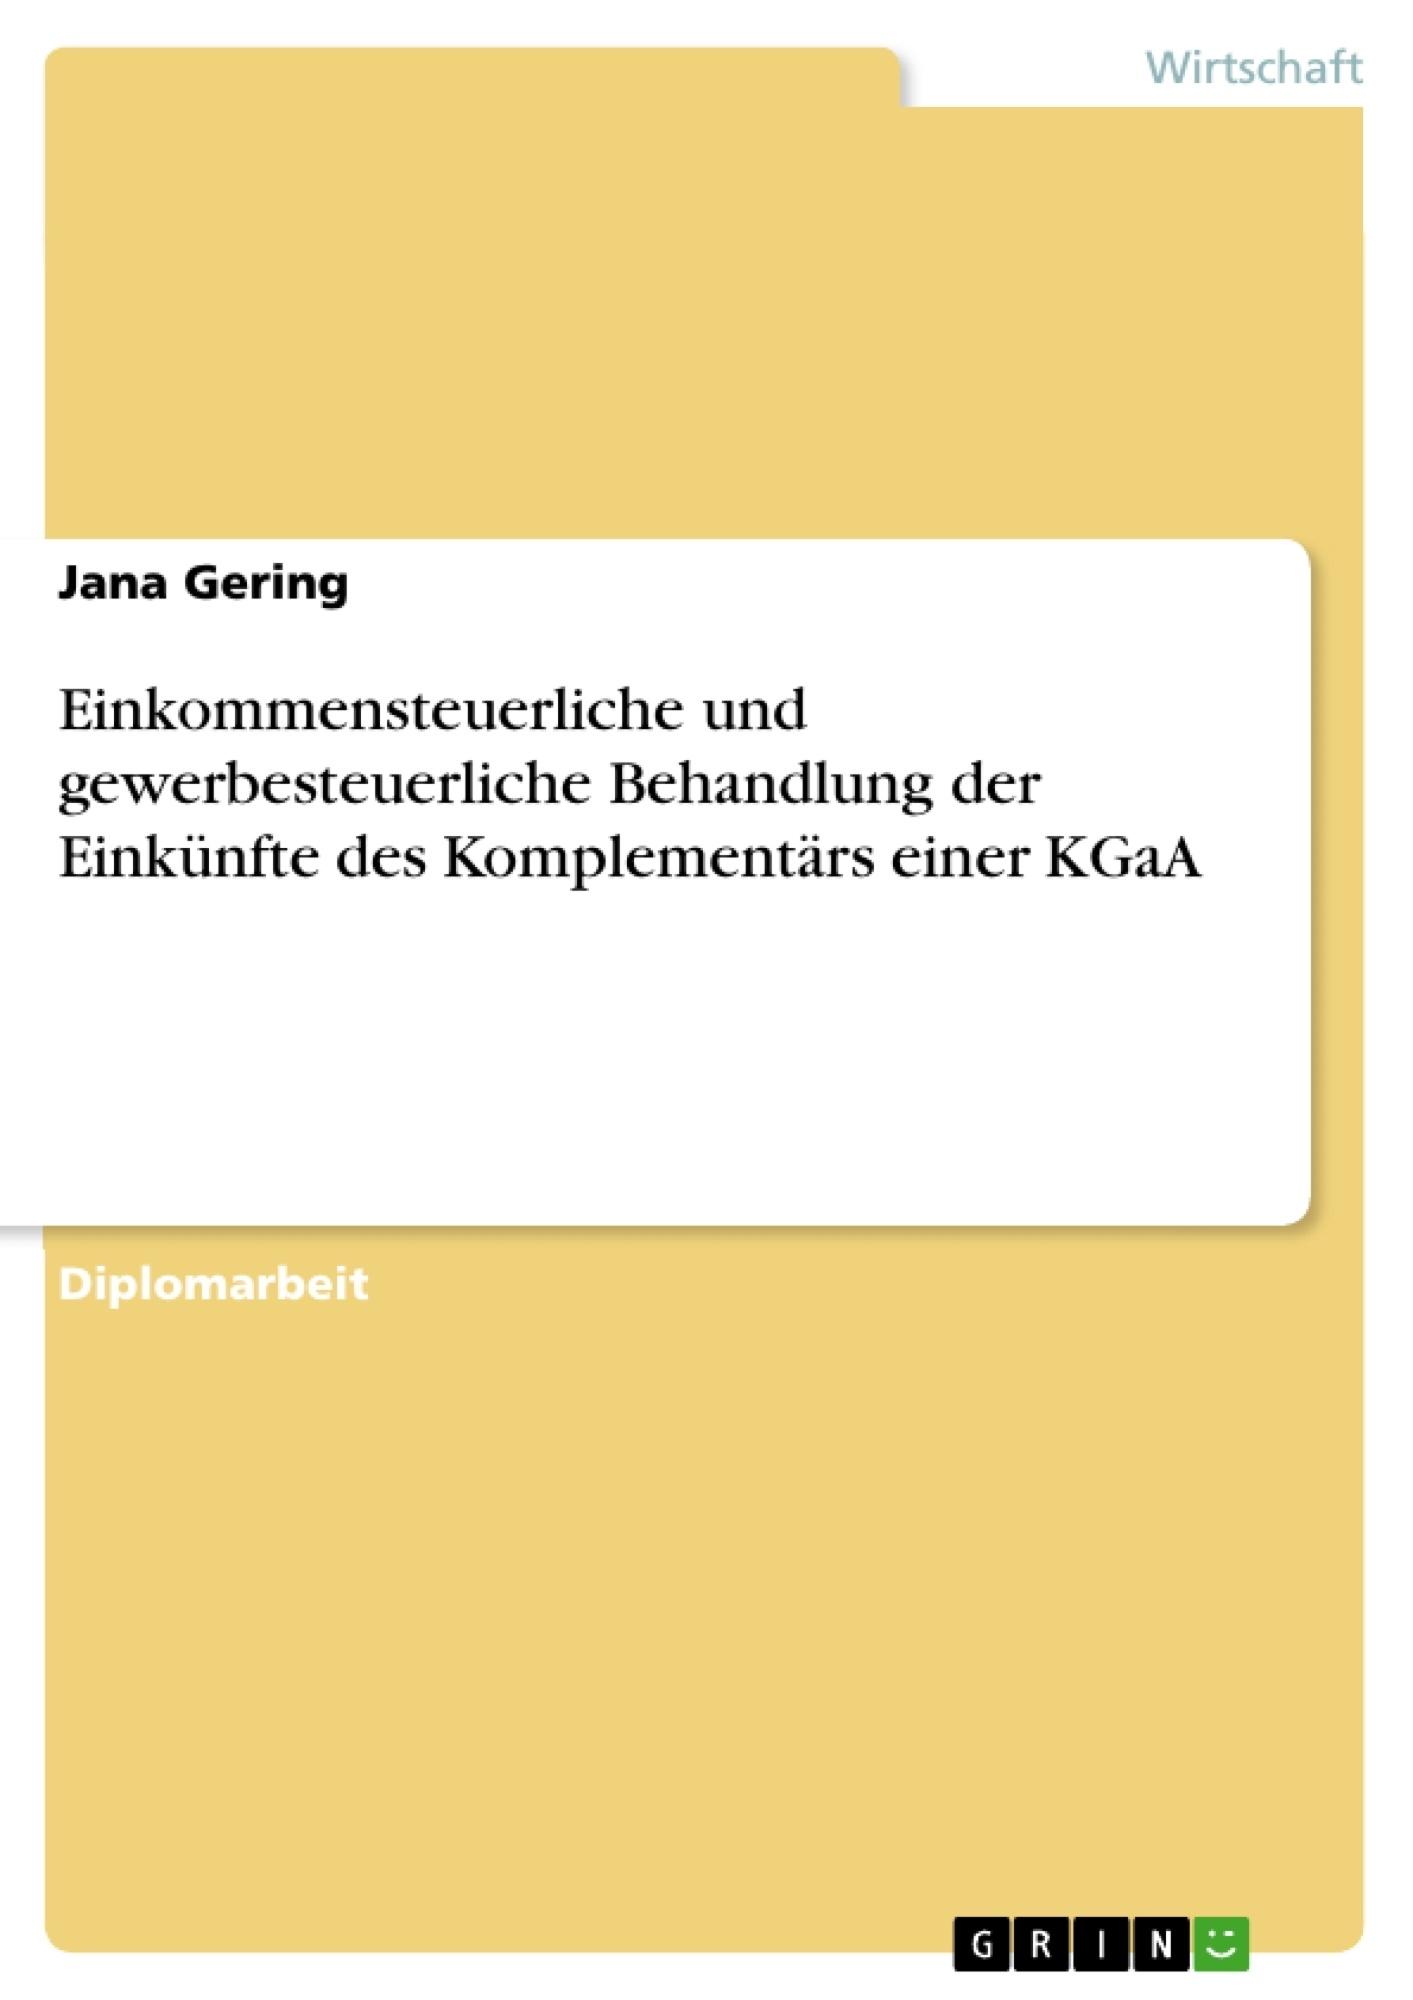 Titel: Einkommensteuerliche und gewerbesteuerliche Behandlung der Einkünfte des Komplementärs einer KGaA